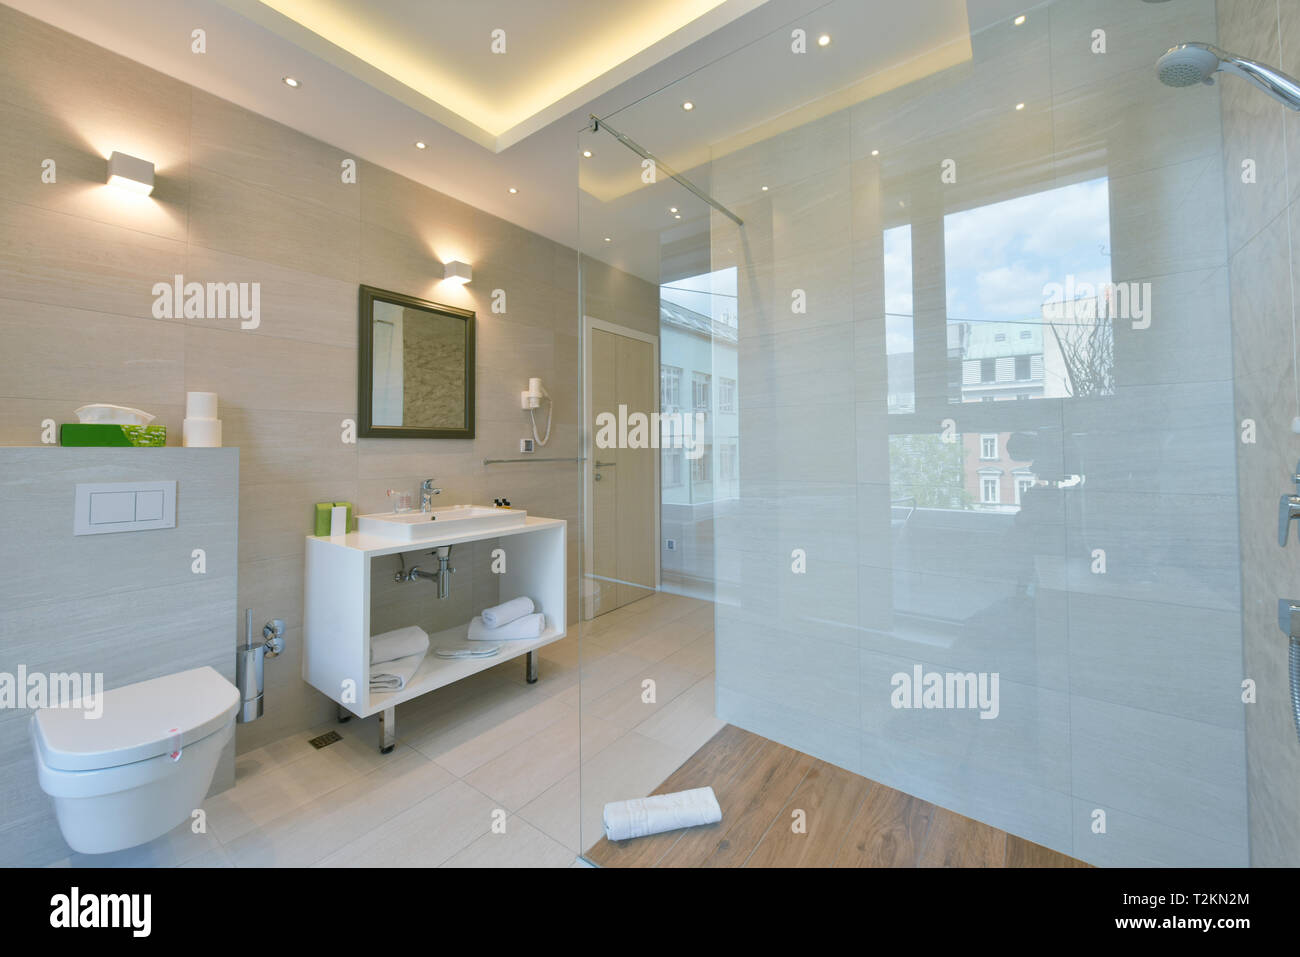 Bagni Di Lusso Moderni bagno minimalista in hotel moderno con dettagli di lusso